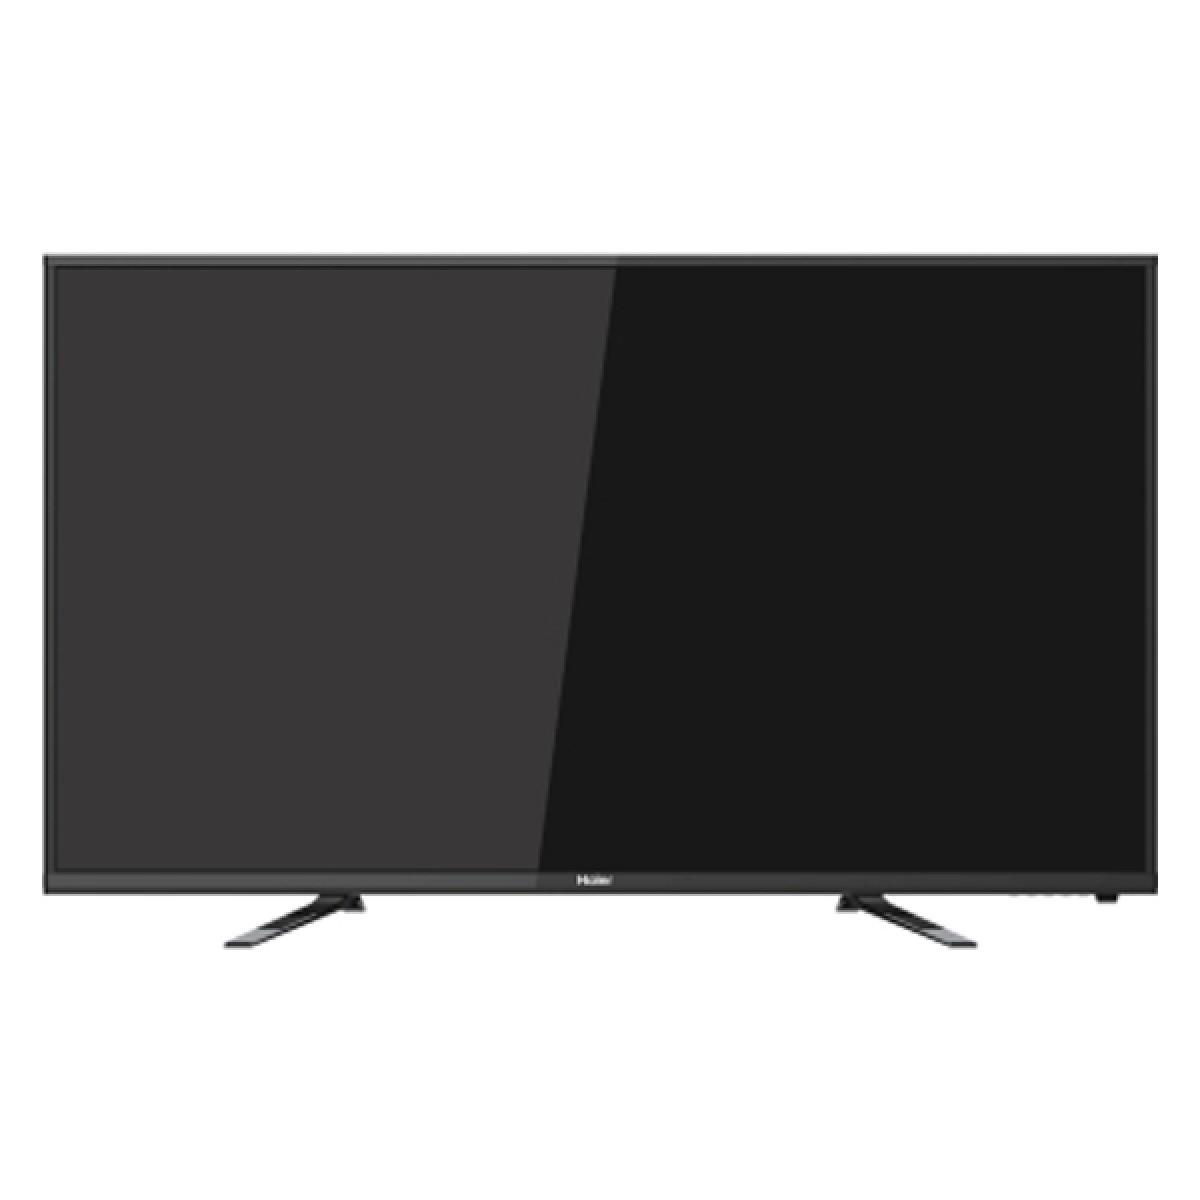 Haier 40B8000 LED TV